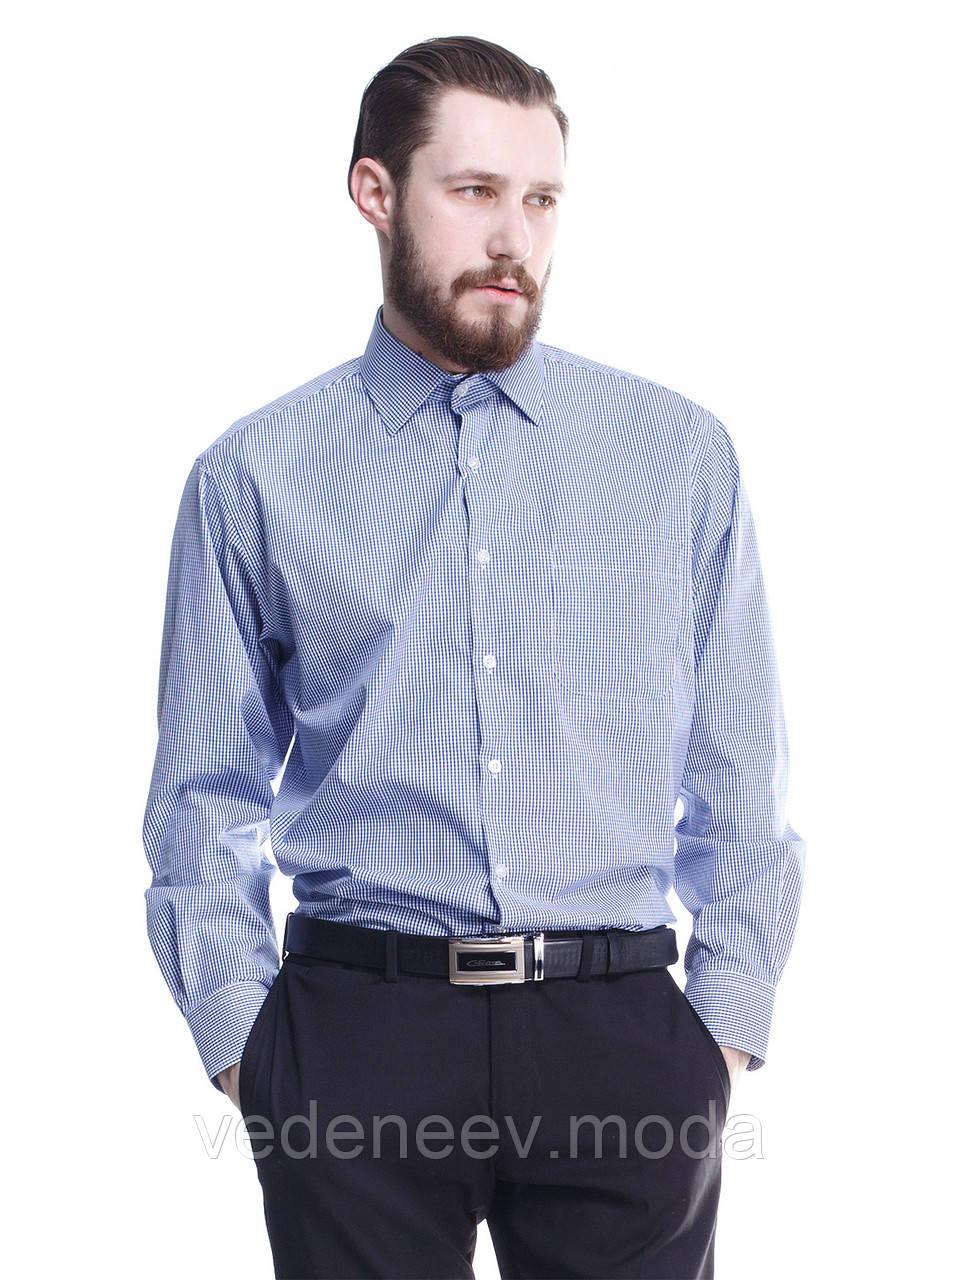 fcda61dbfb4 Мужская классическая рубашка сине-белую мелкую клетку голубую полоску -  Мужские и женские РУБАШКИ для